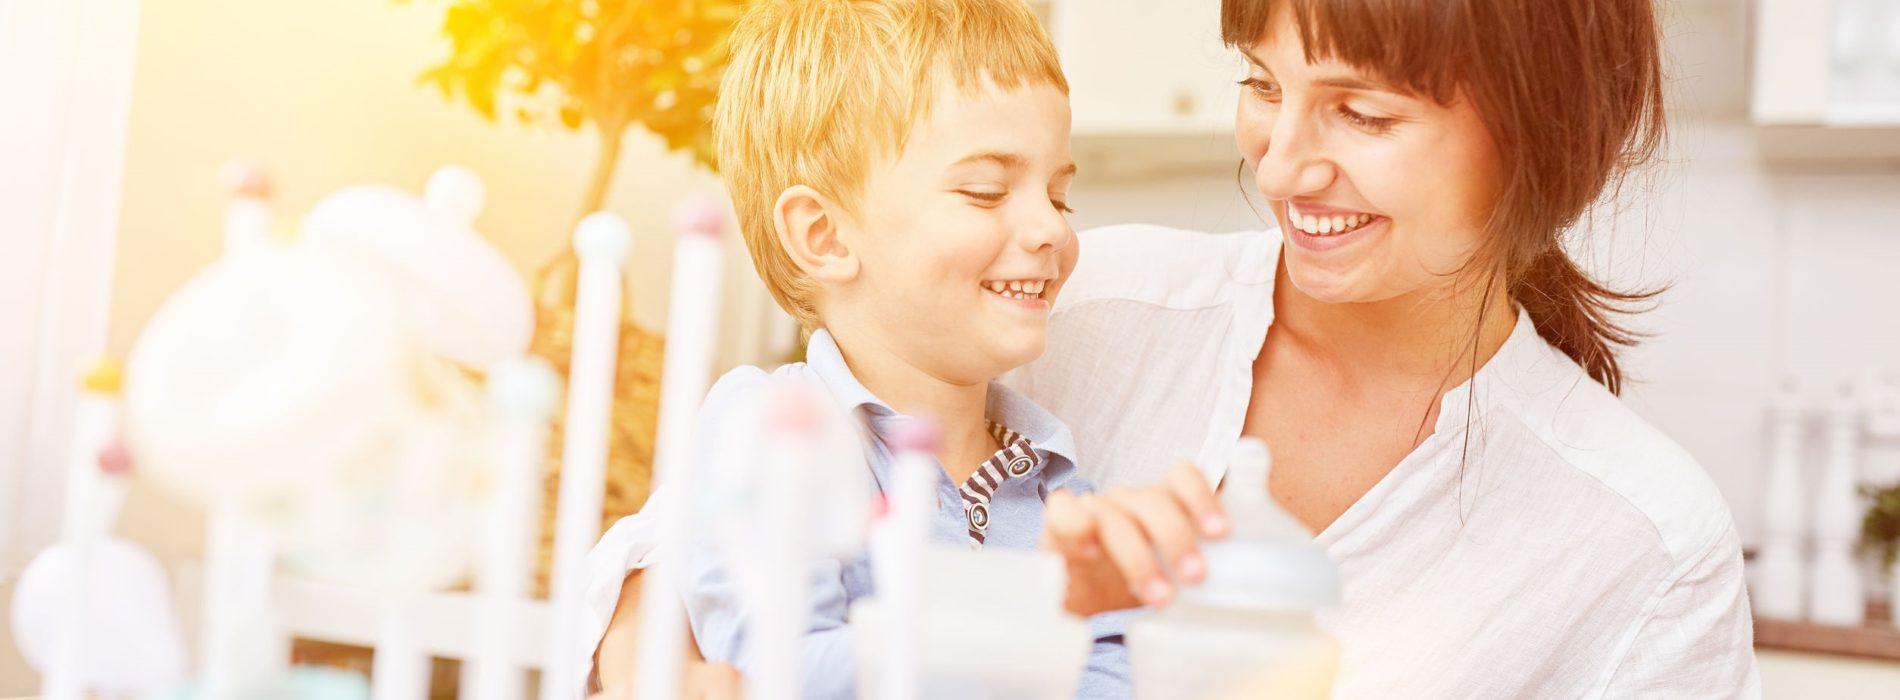 Olej z czarnuszki – 5 sposobów jak podawać dziecku